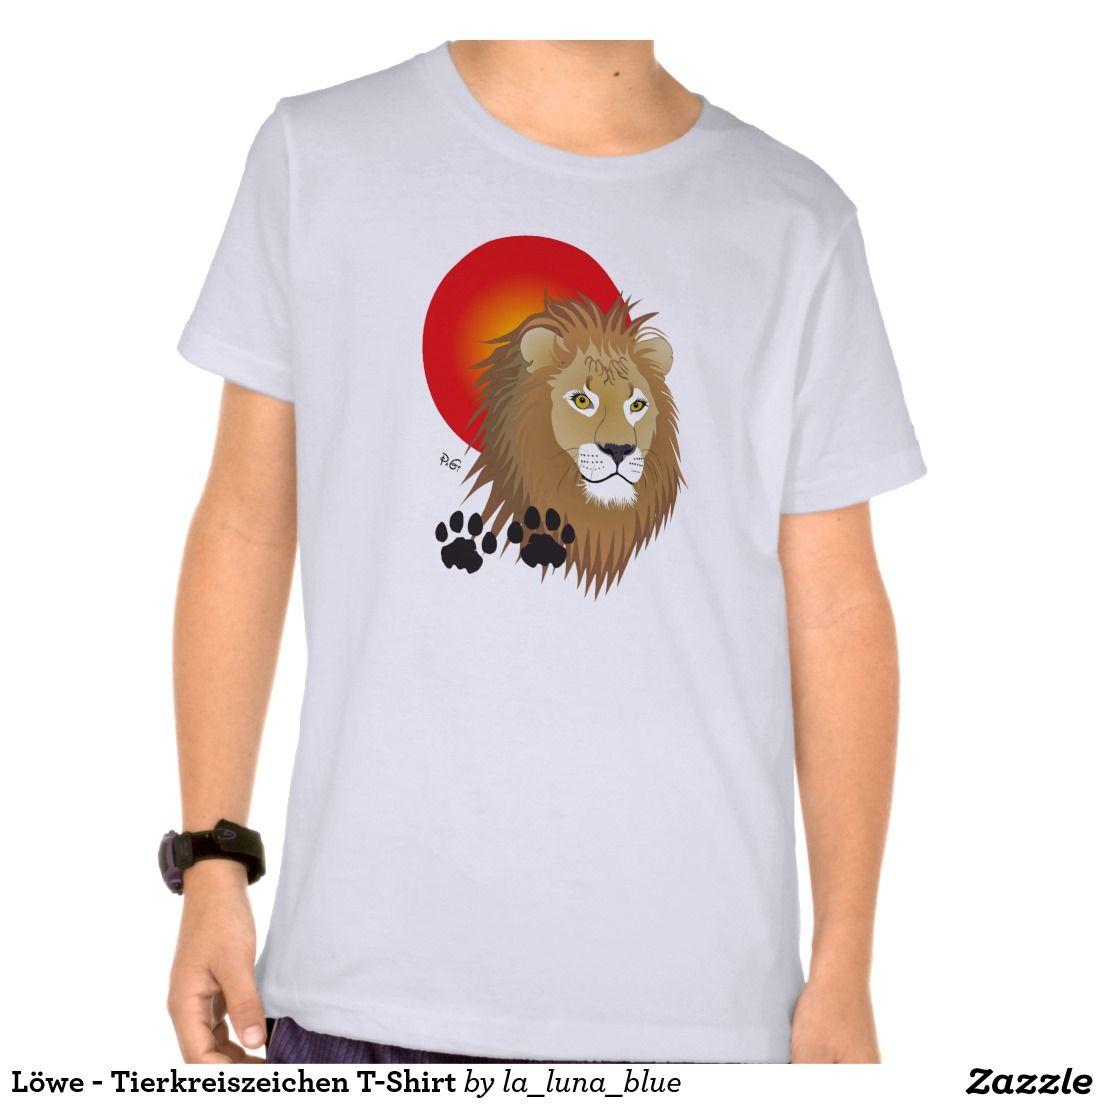 Löwe - Tierkreiszeichen T-Shirt